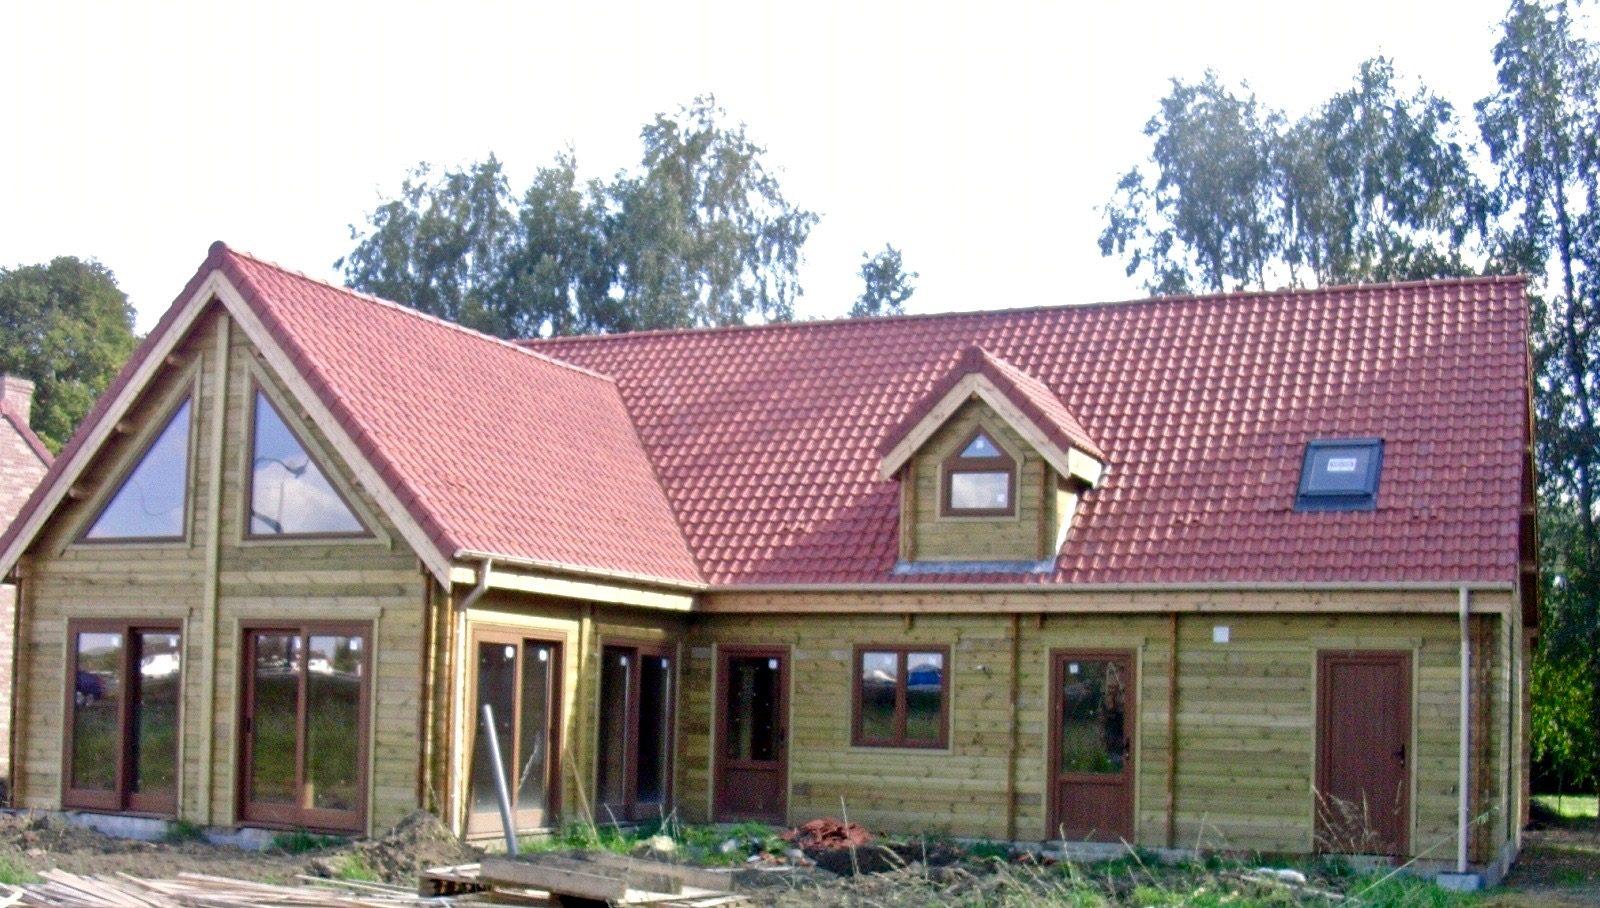 Maison en madrier traditionnelle avec poutres apparentes